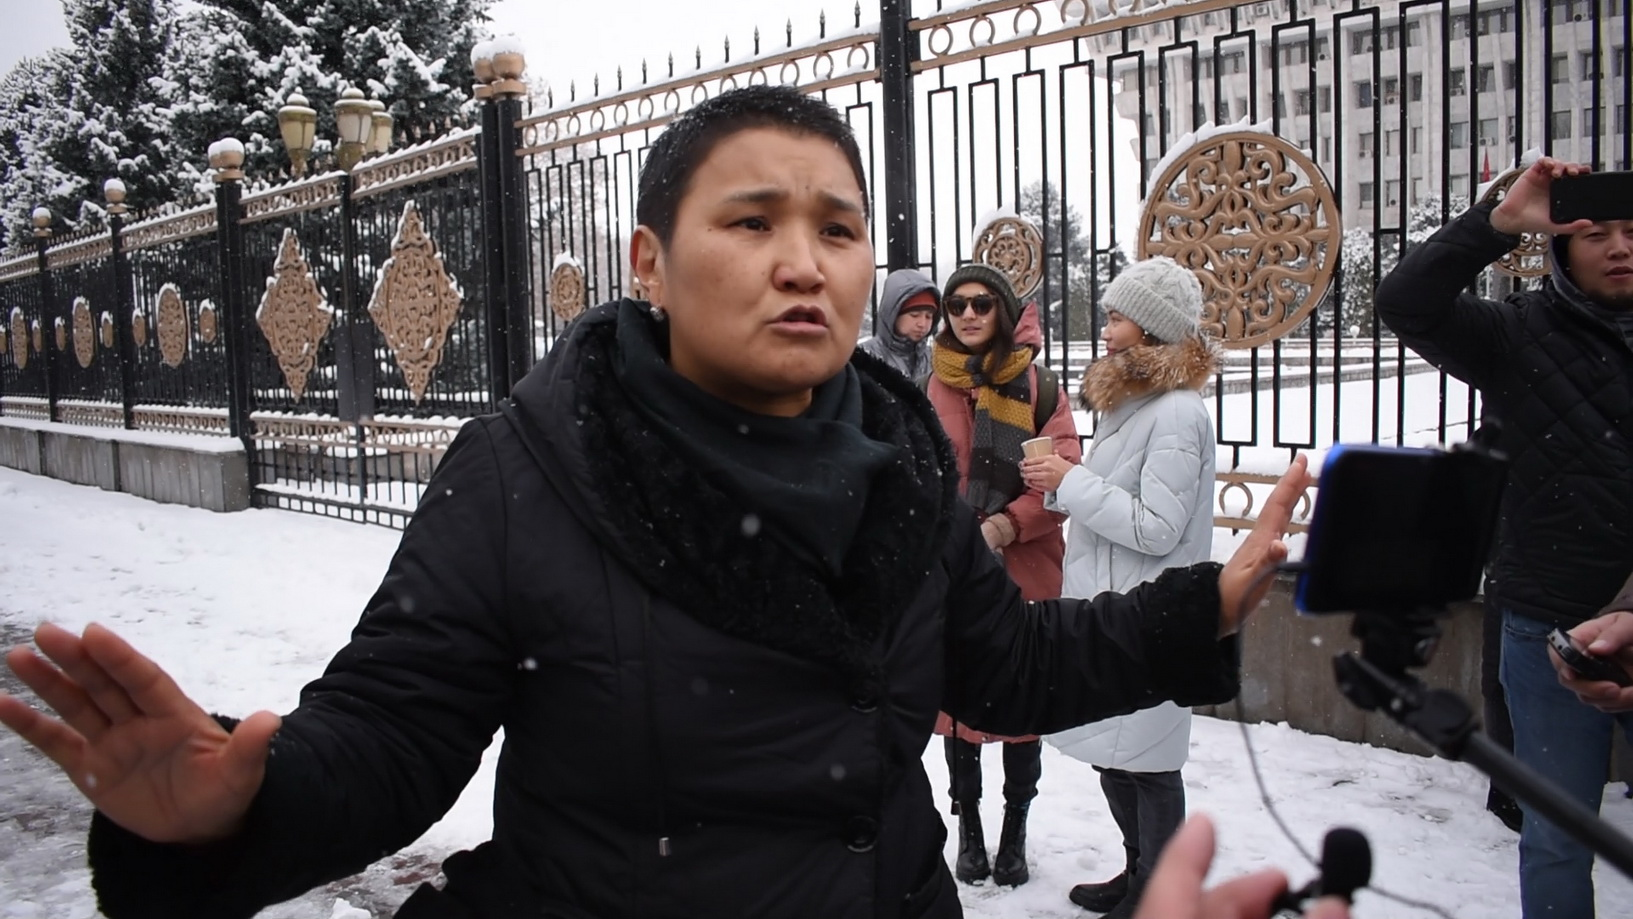 Правозащитники утверждают, что акция была спонтанной, мол, горожане сами вышли на улицу. Другие в ней видят технологии управления людьми, которые применялись в Украине пять лет назад